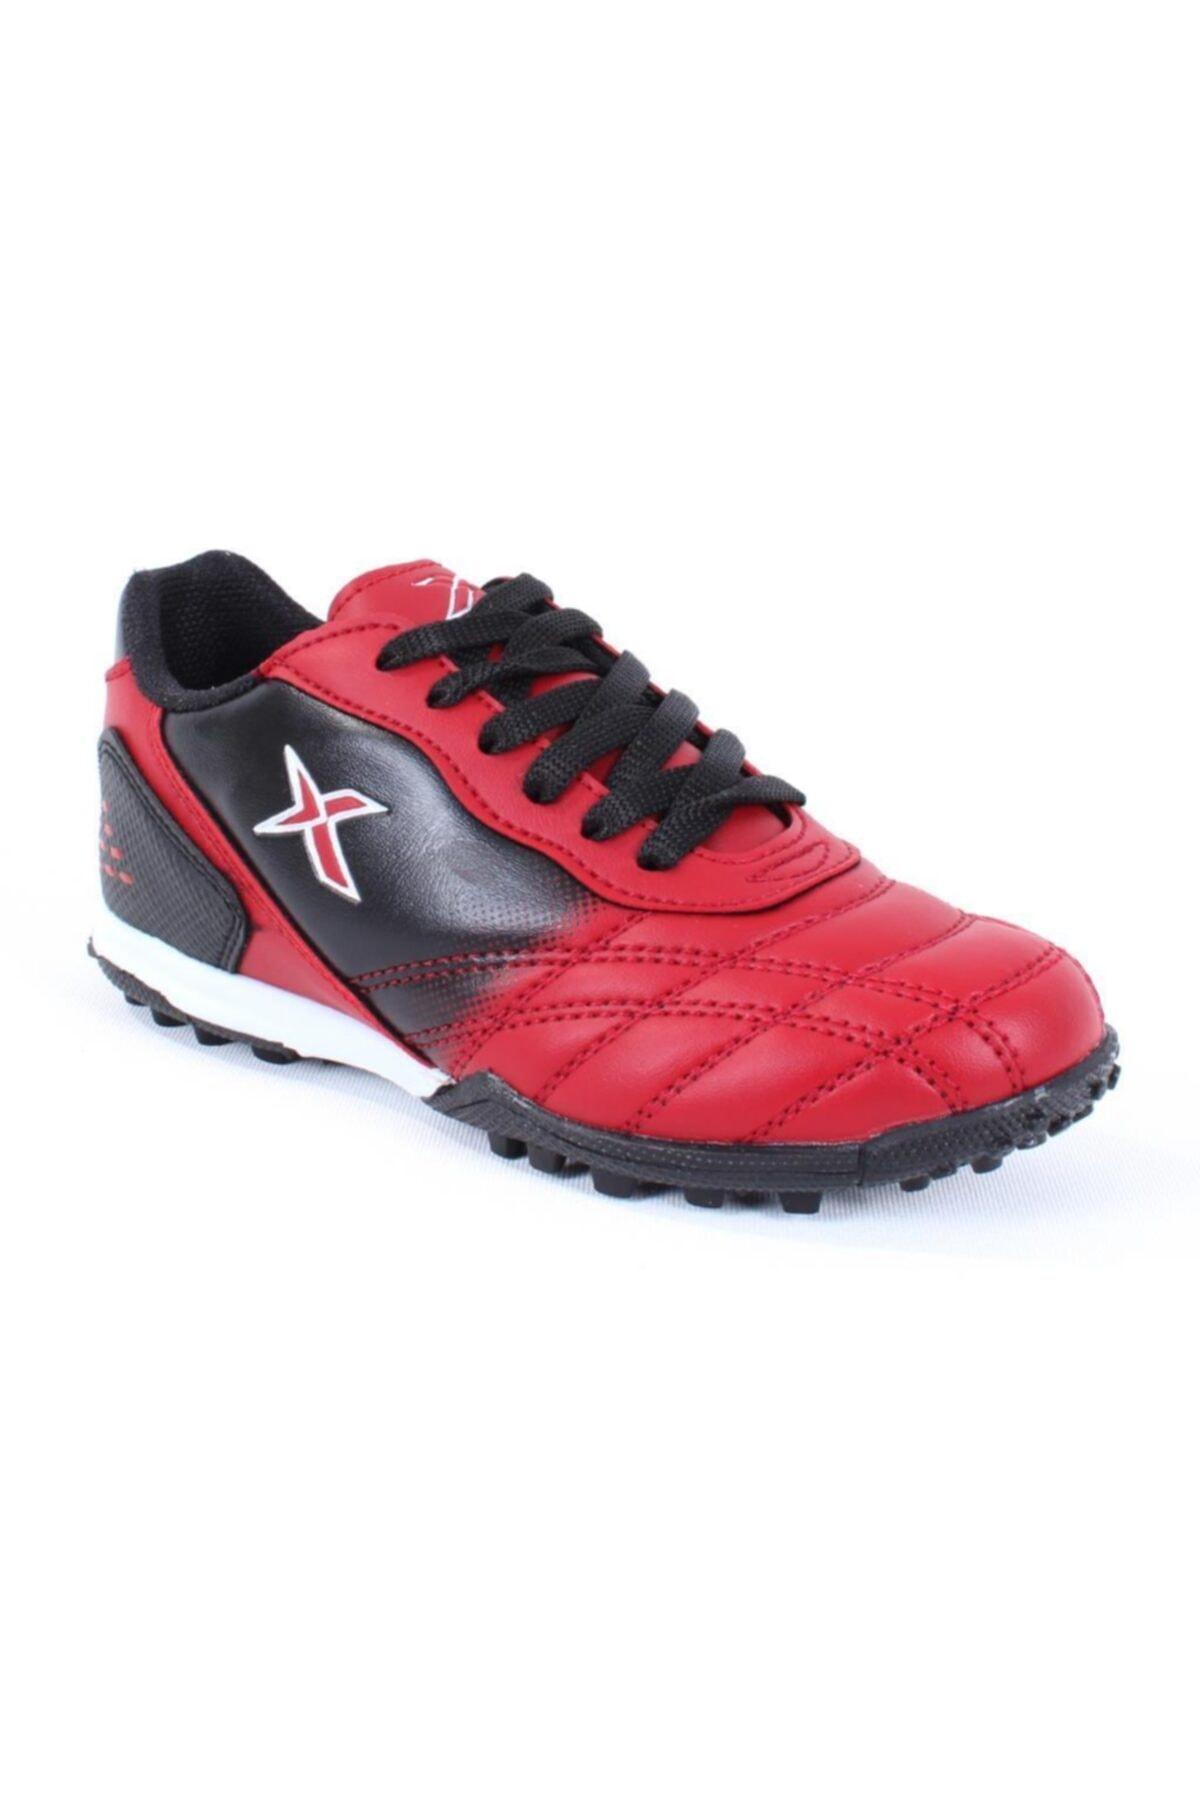 FORLAN TURF Kırmızı Erkek Çocuk Halı Saha Ayakkabısı 100272665